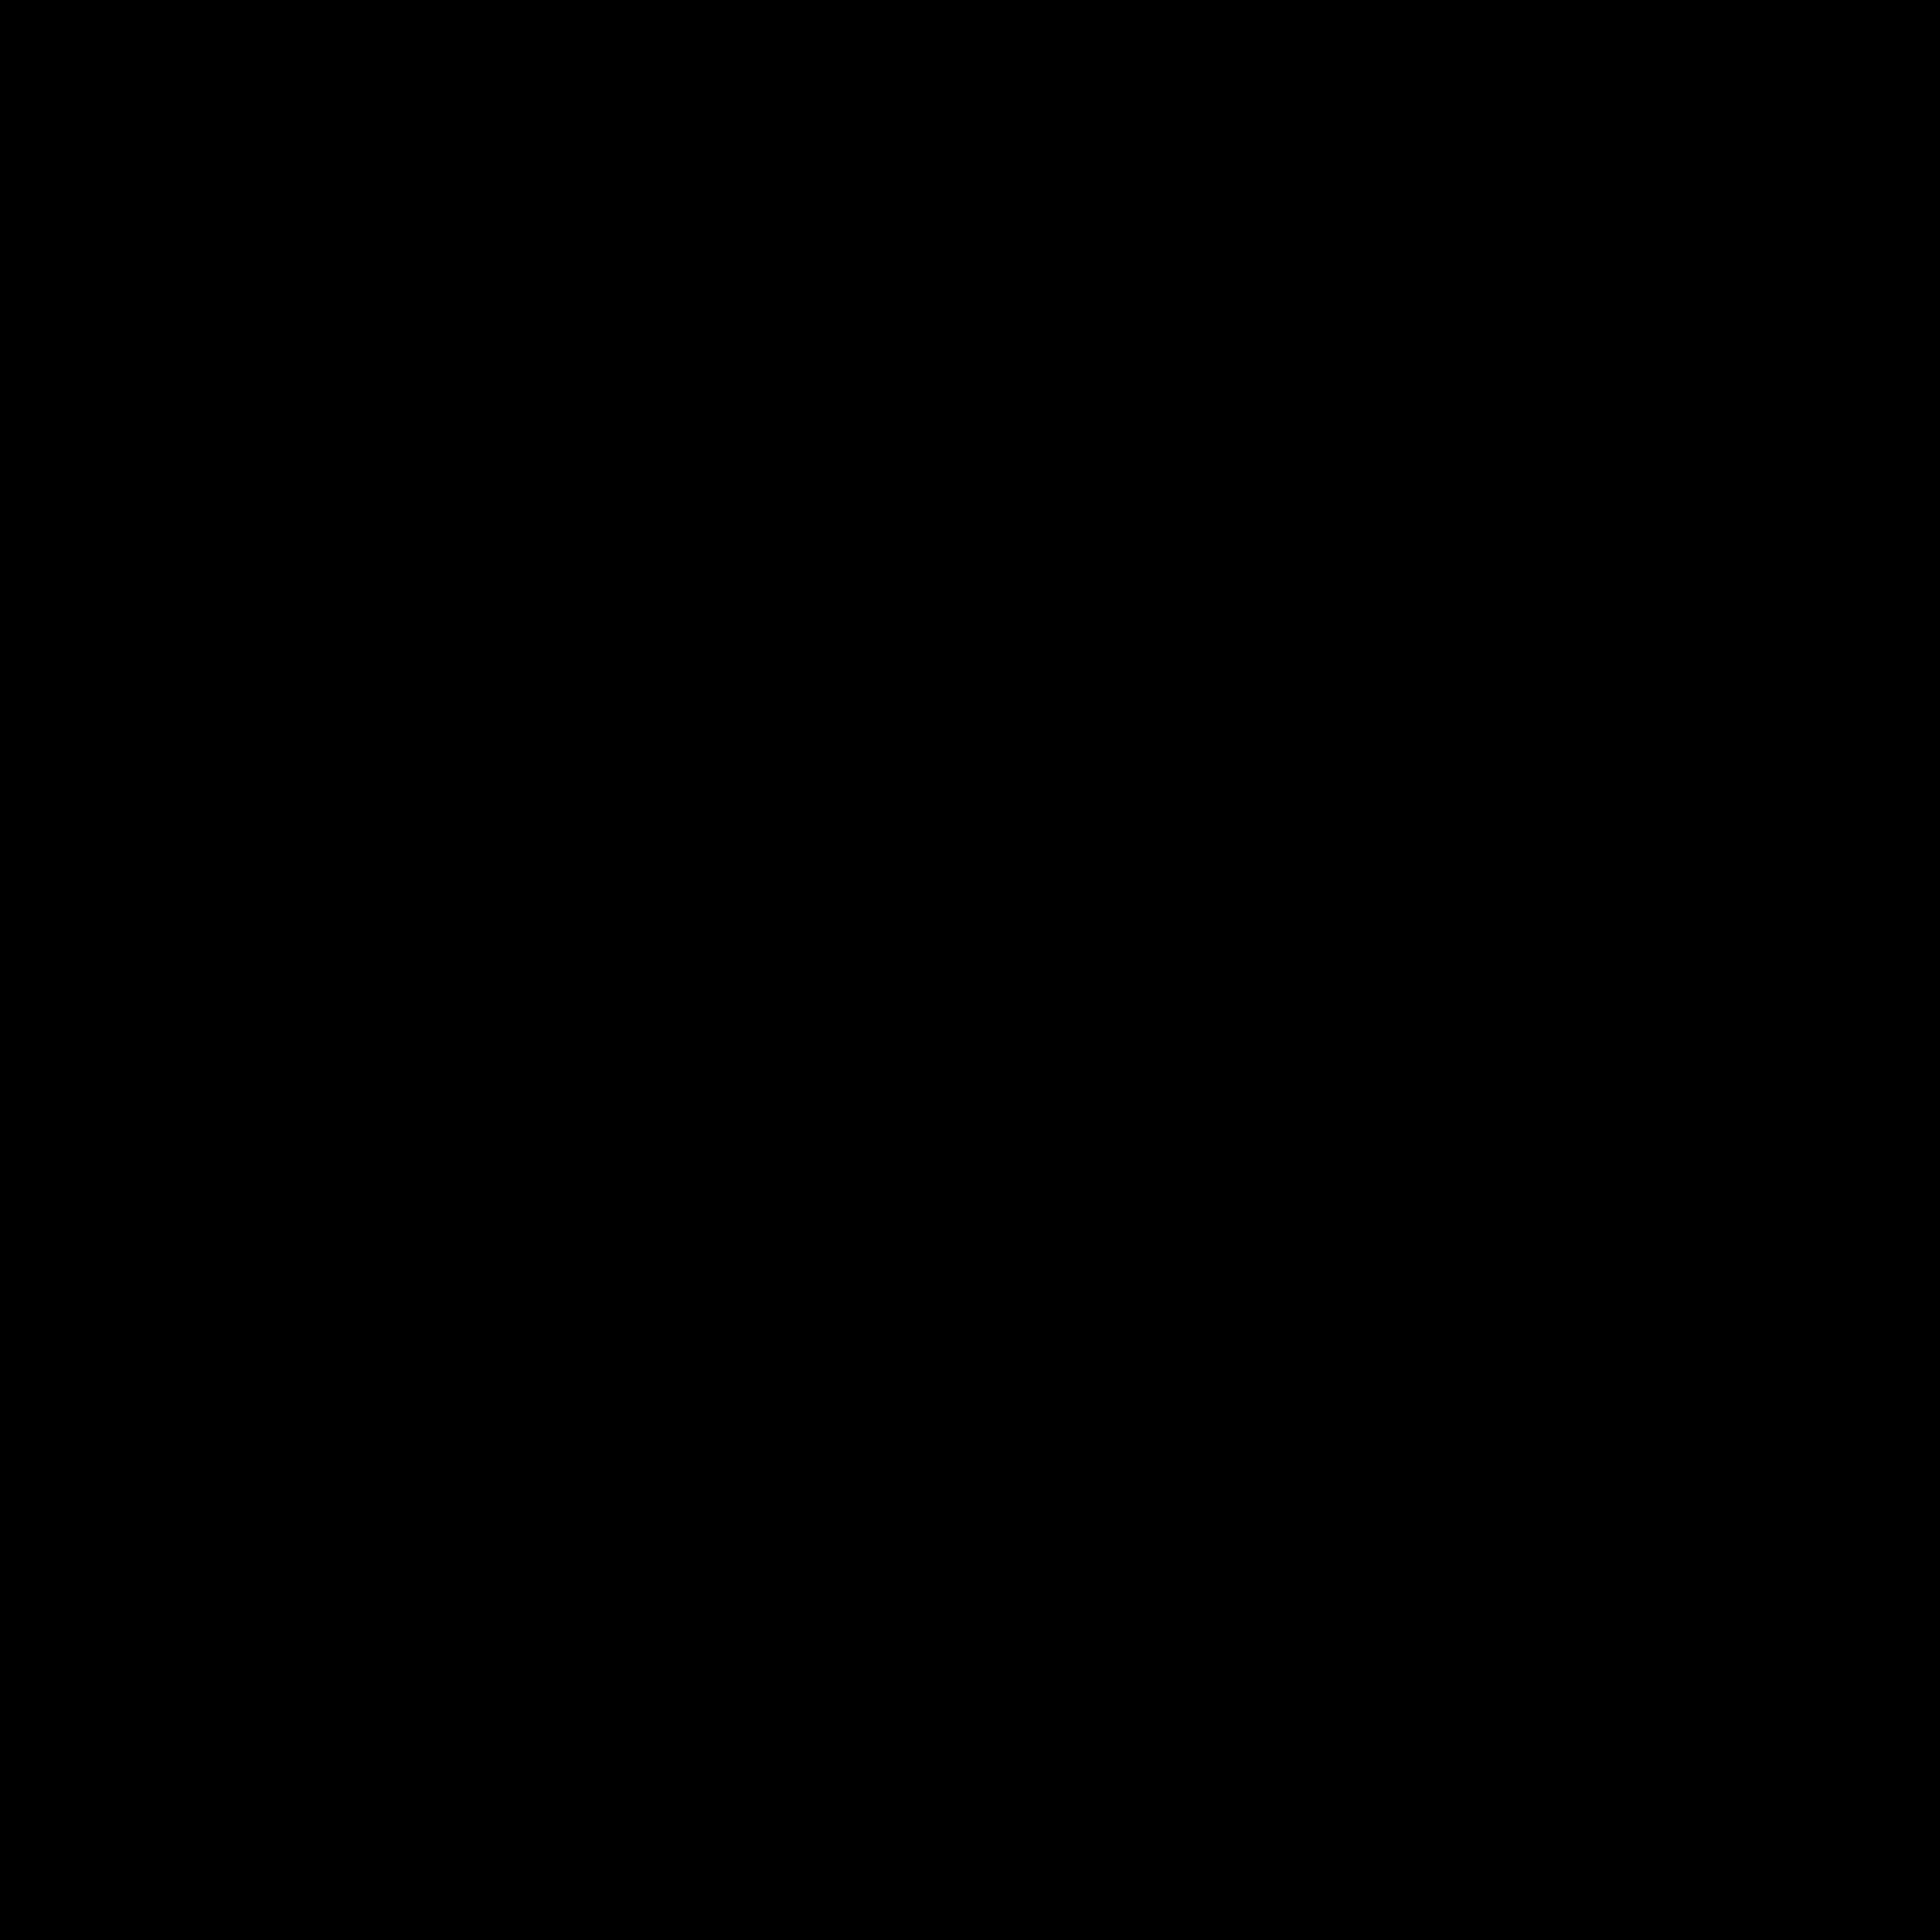 Cintreuse - 36 V - Multi Volt